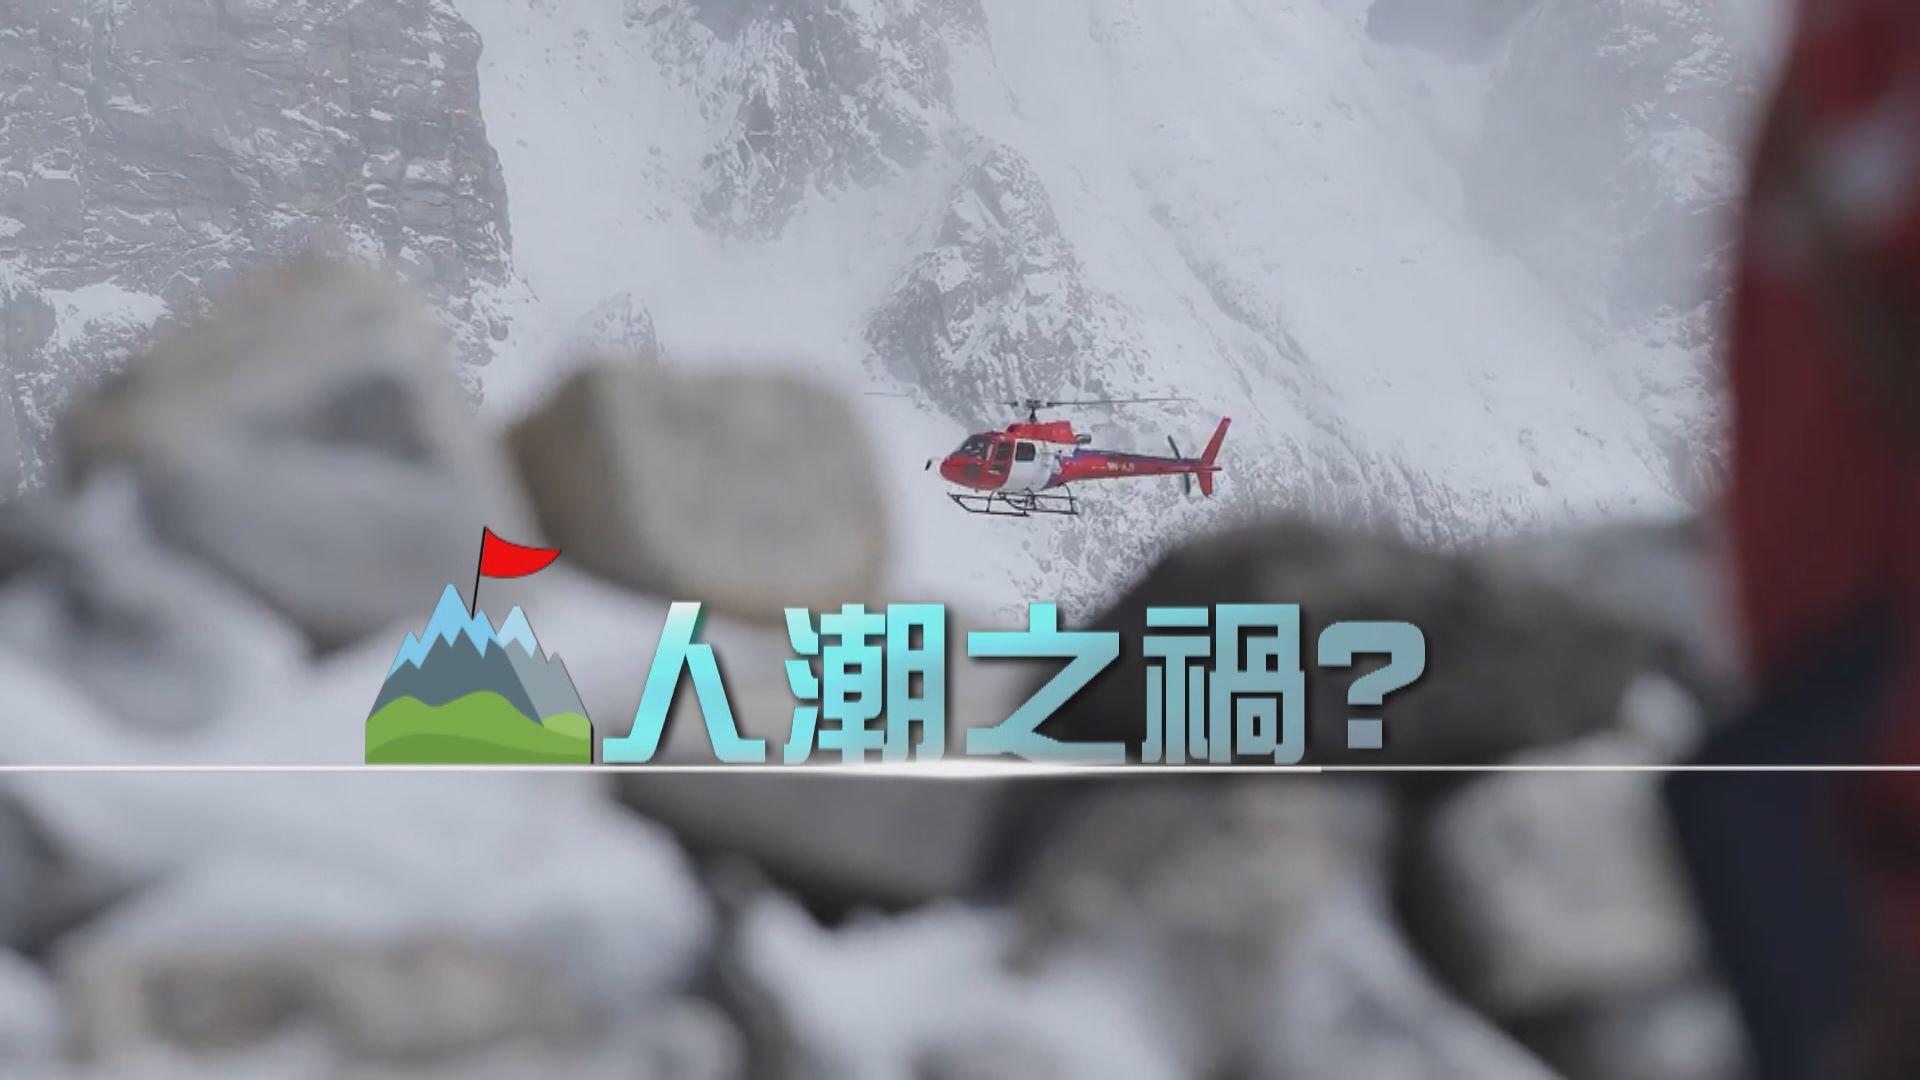 【新聞智庫】珠峰「塞車」揭示潛藏死亡危機